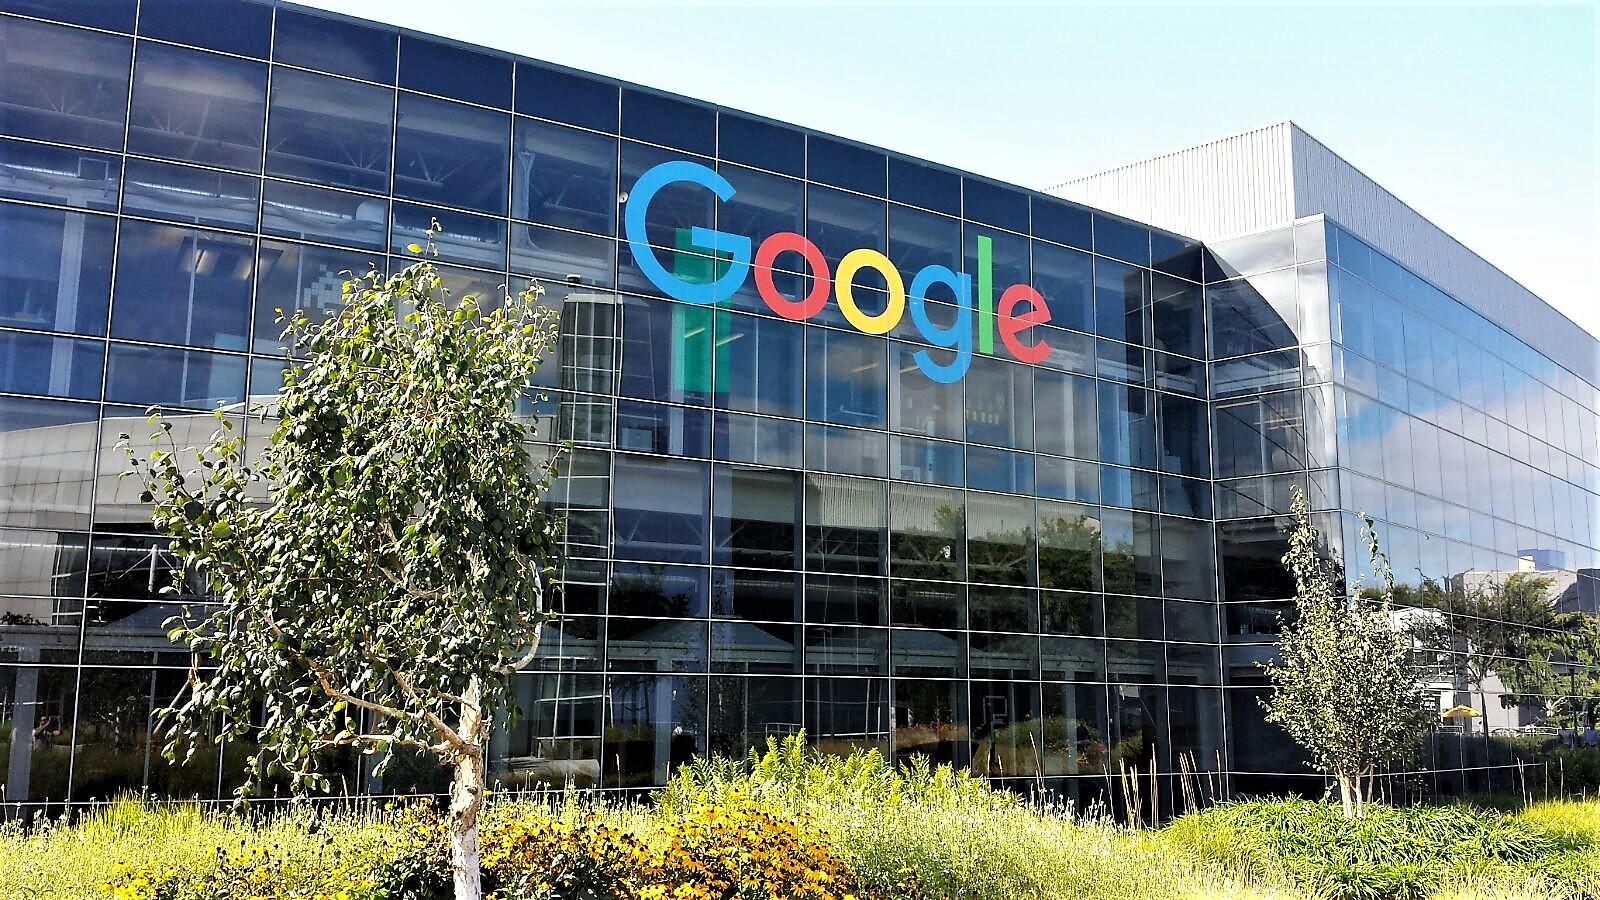 Commissione Ue multa Google per abuso posizione dominante